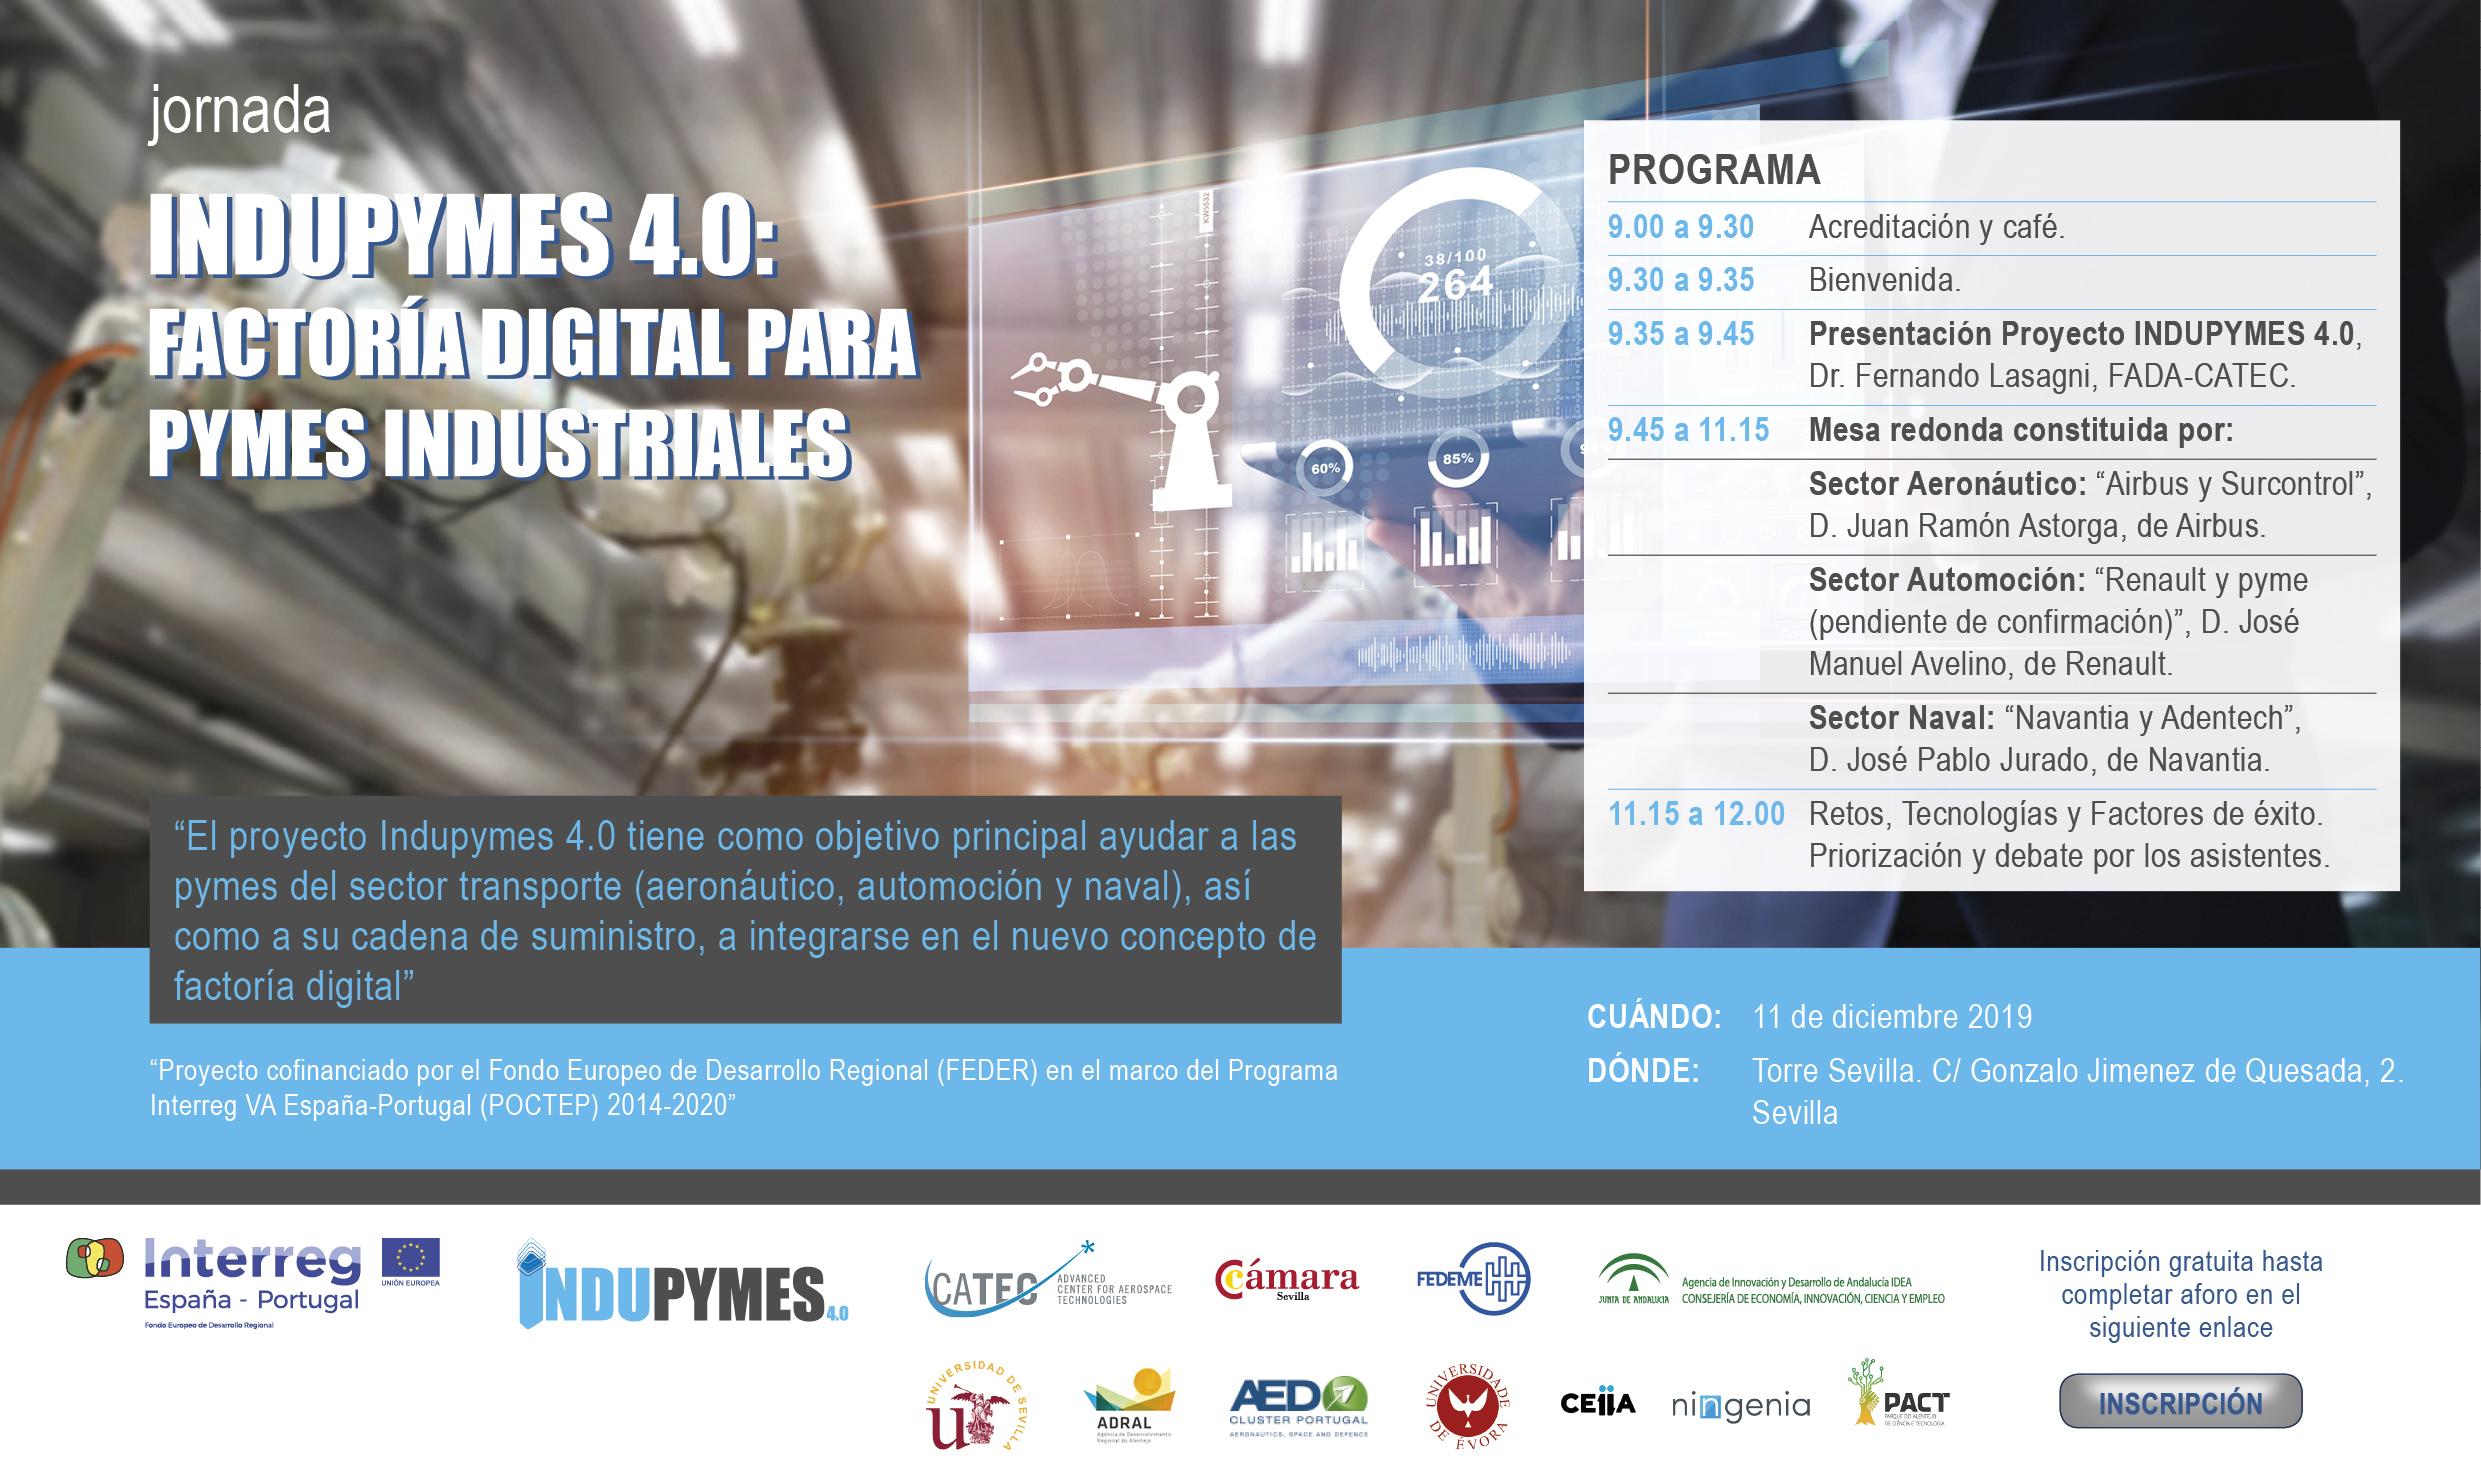 Jornada INDUPYMES 4.0: Factoría Digital para Pymes Industriales. Sevilla, 11 de diciembre